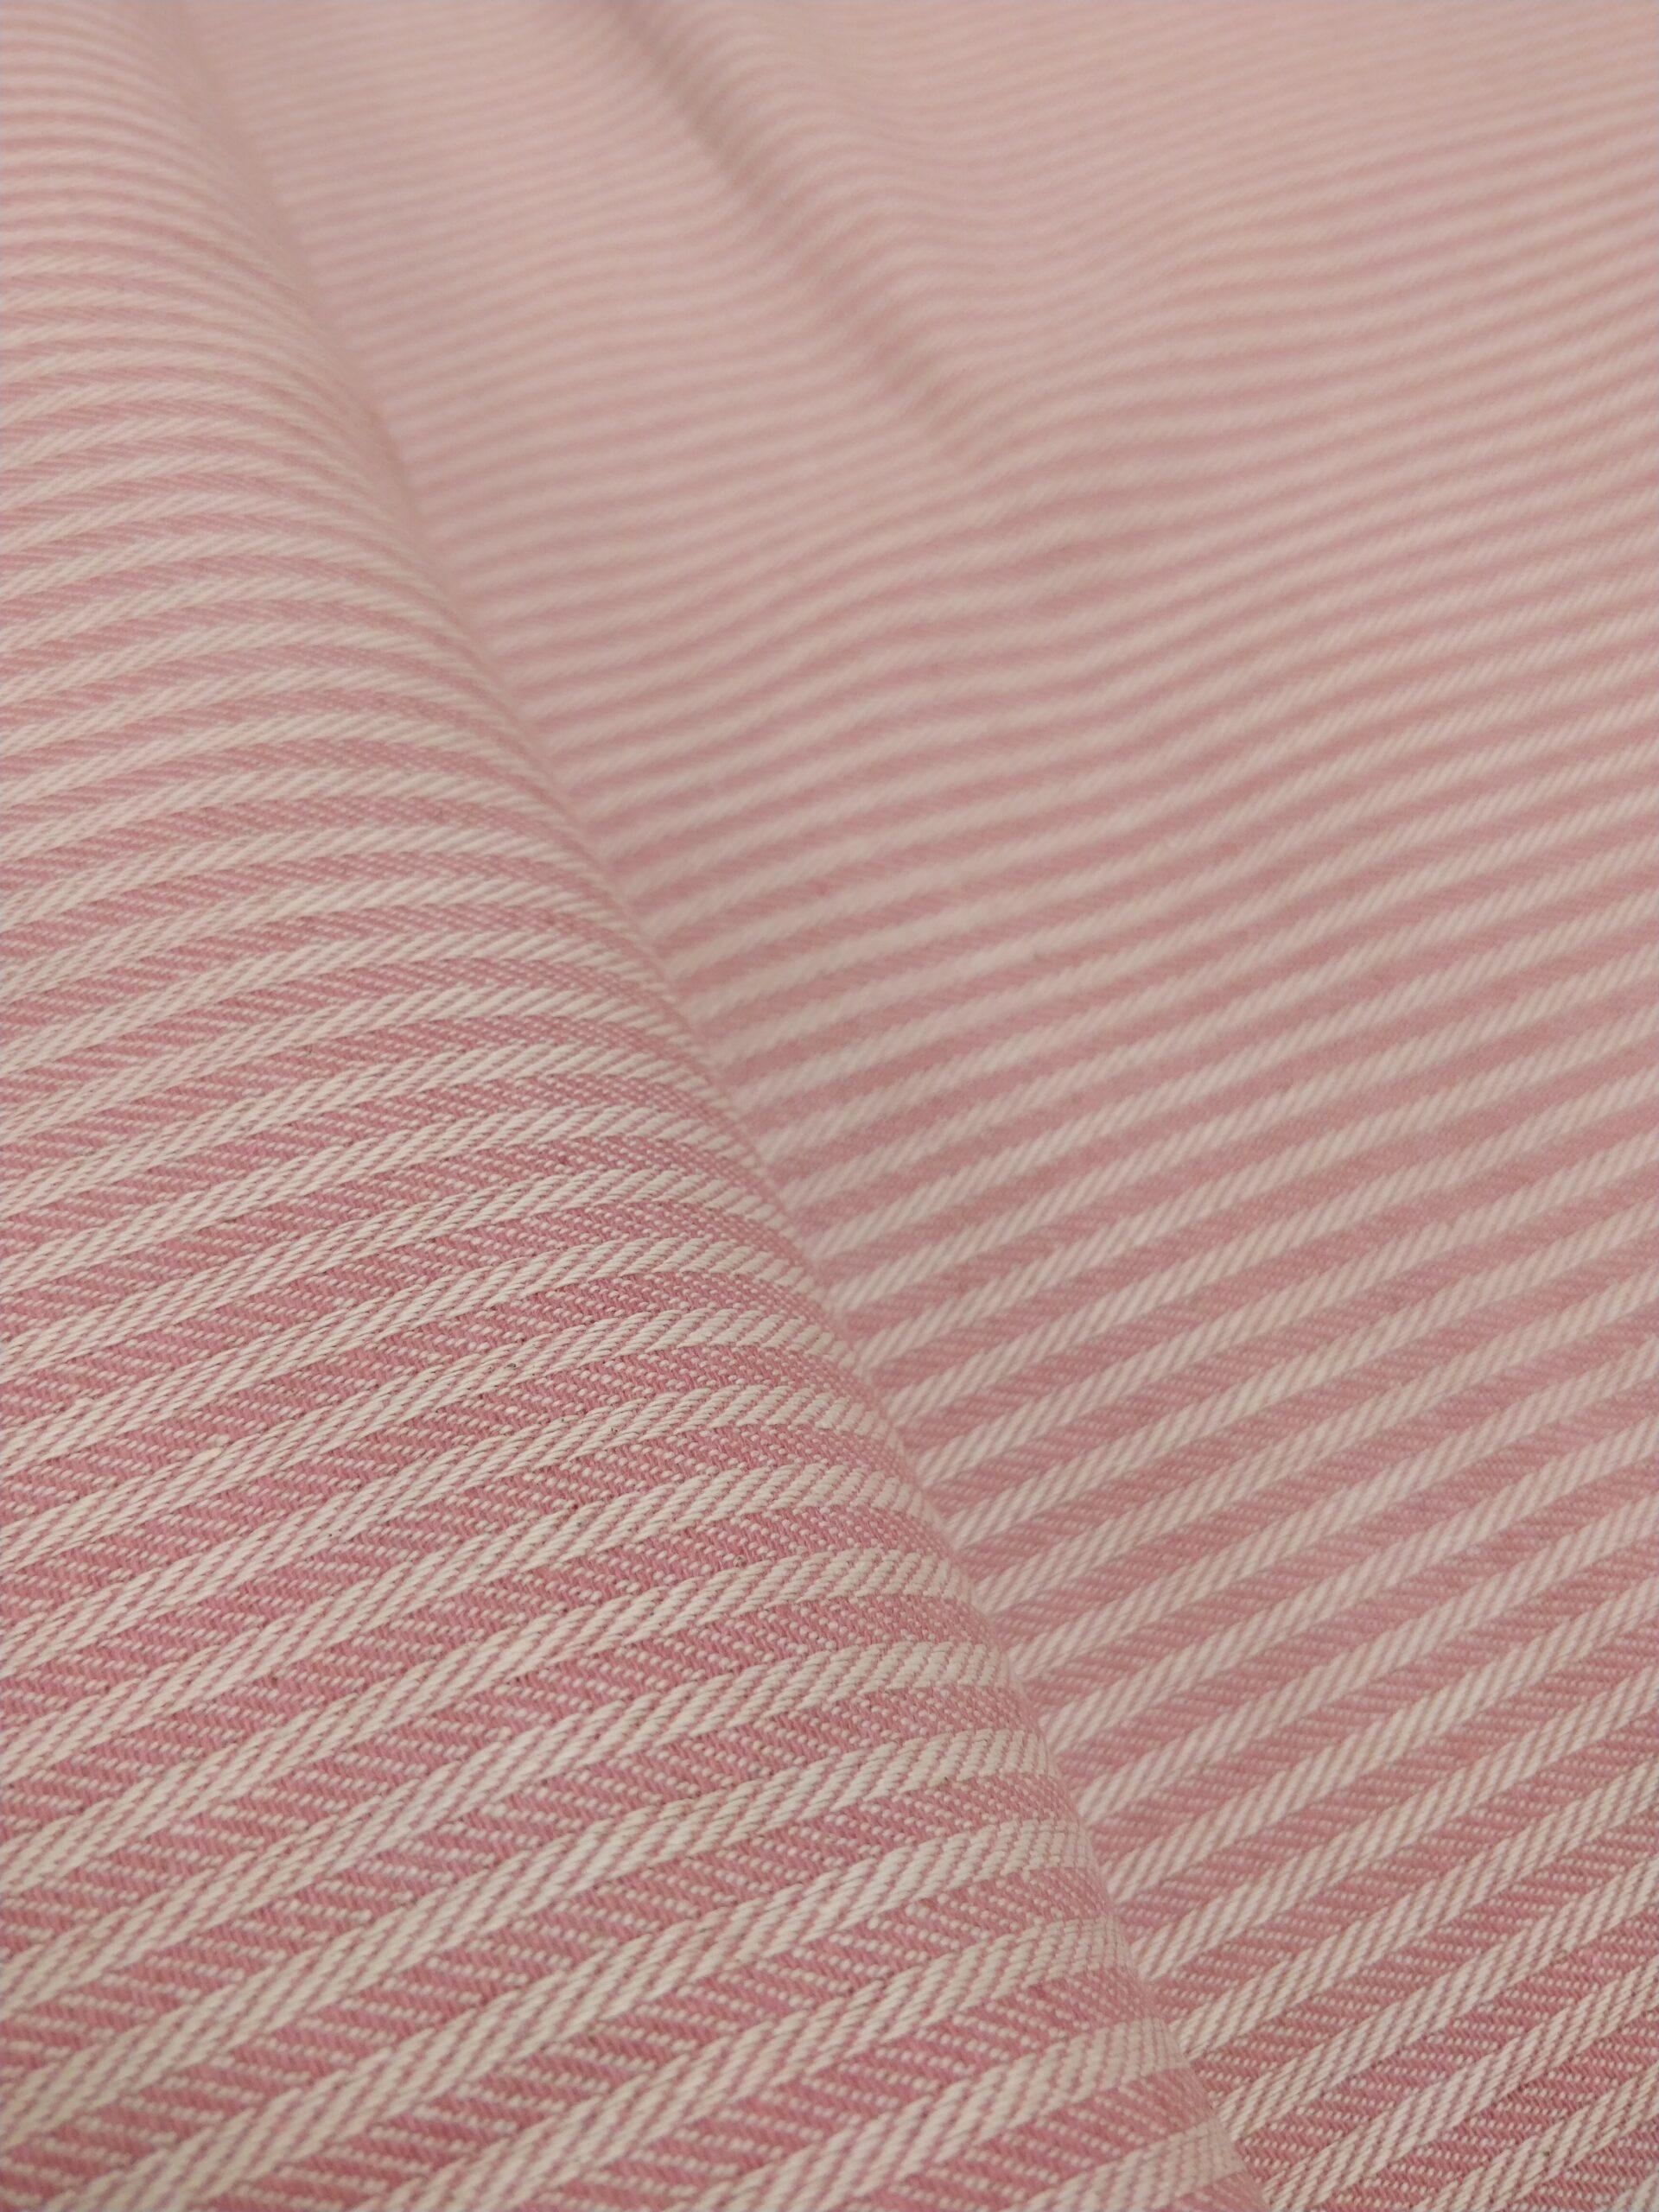 dobby stripes rosa